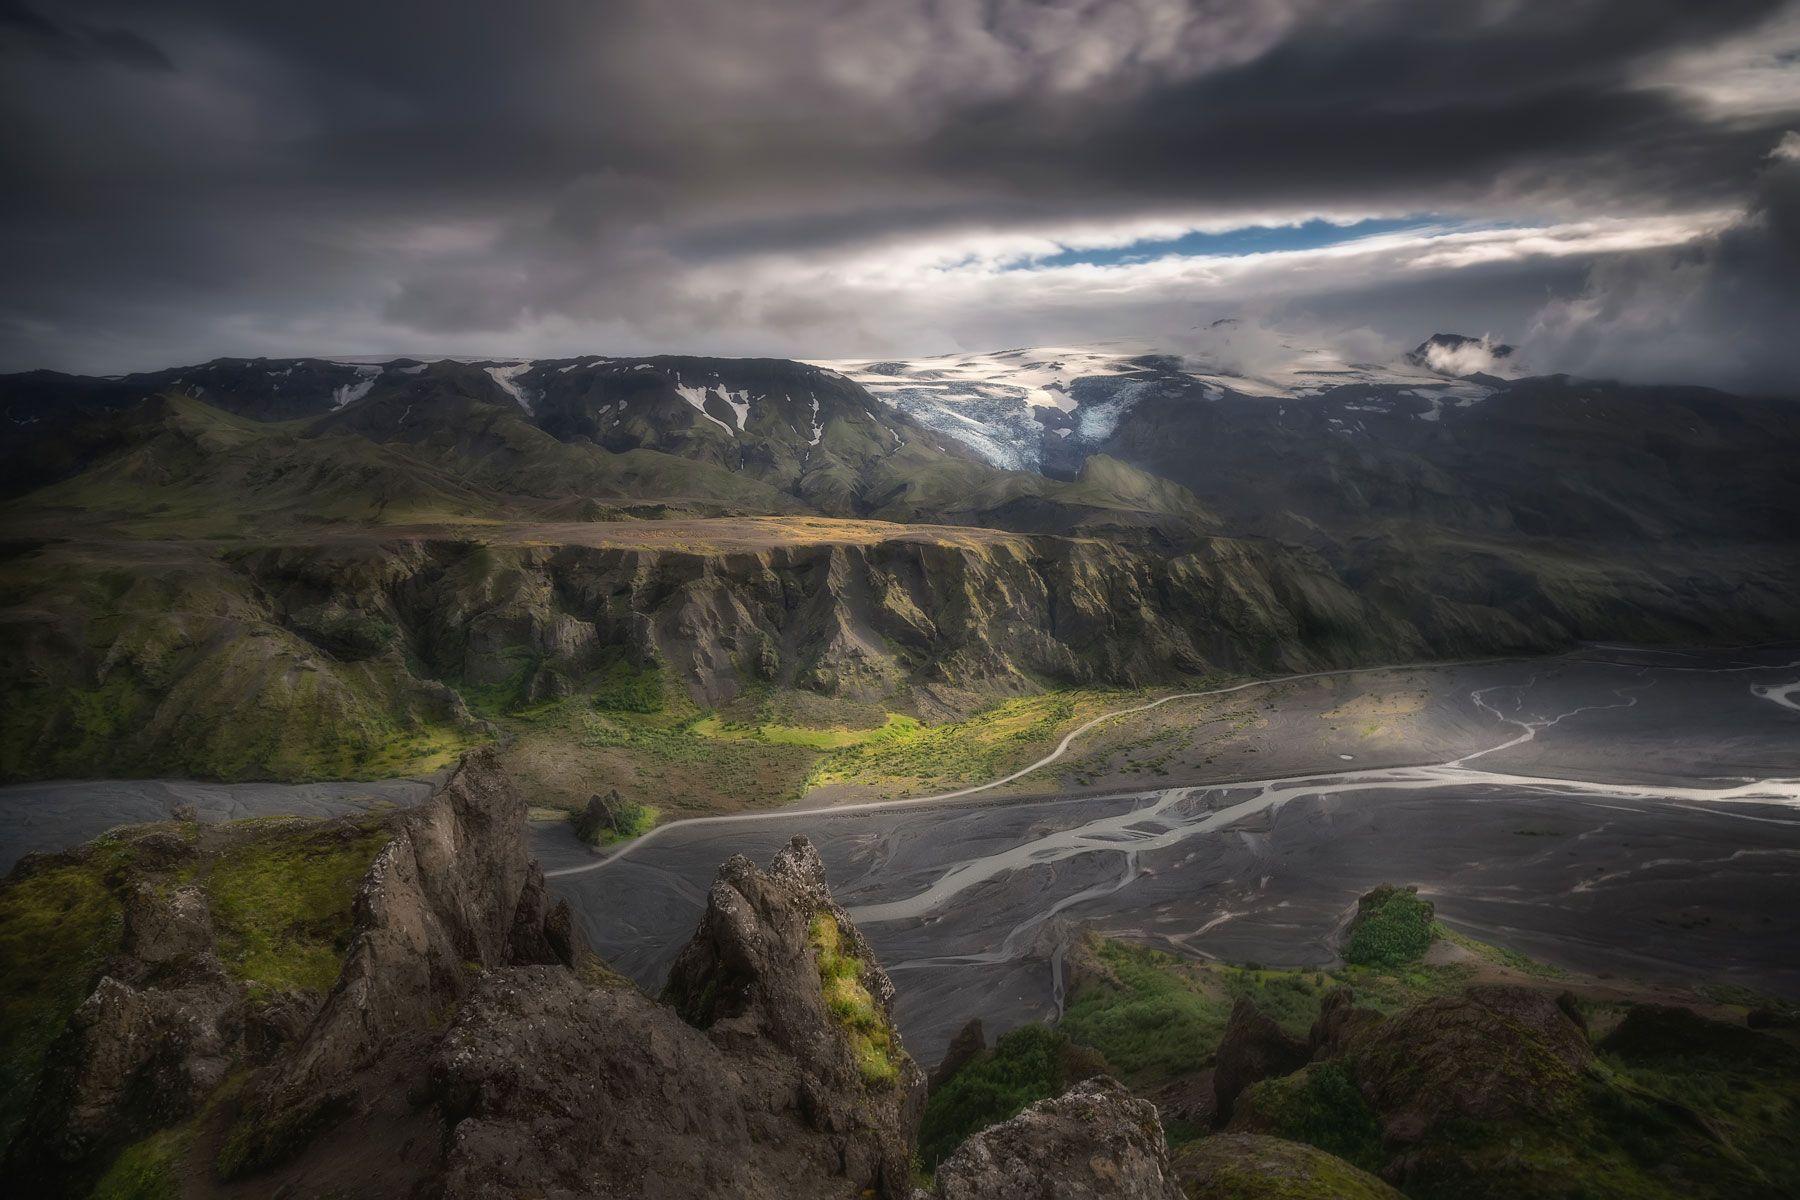 исландия, iceland, thorsmörk, высокогорье исландии, icelandic highlands, highlands of iceland,thorsmork iceland, þórsmörk, Татьяна Ефименко